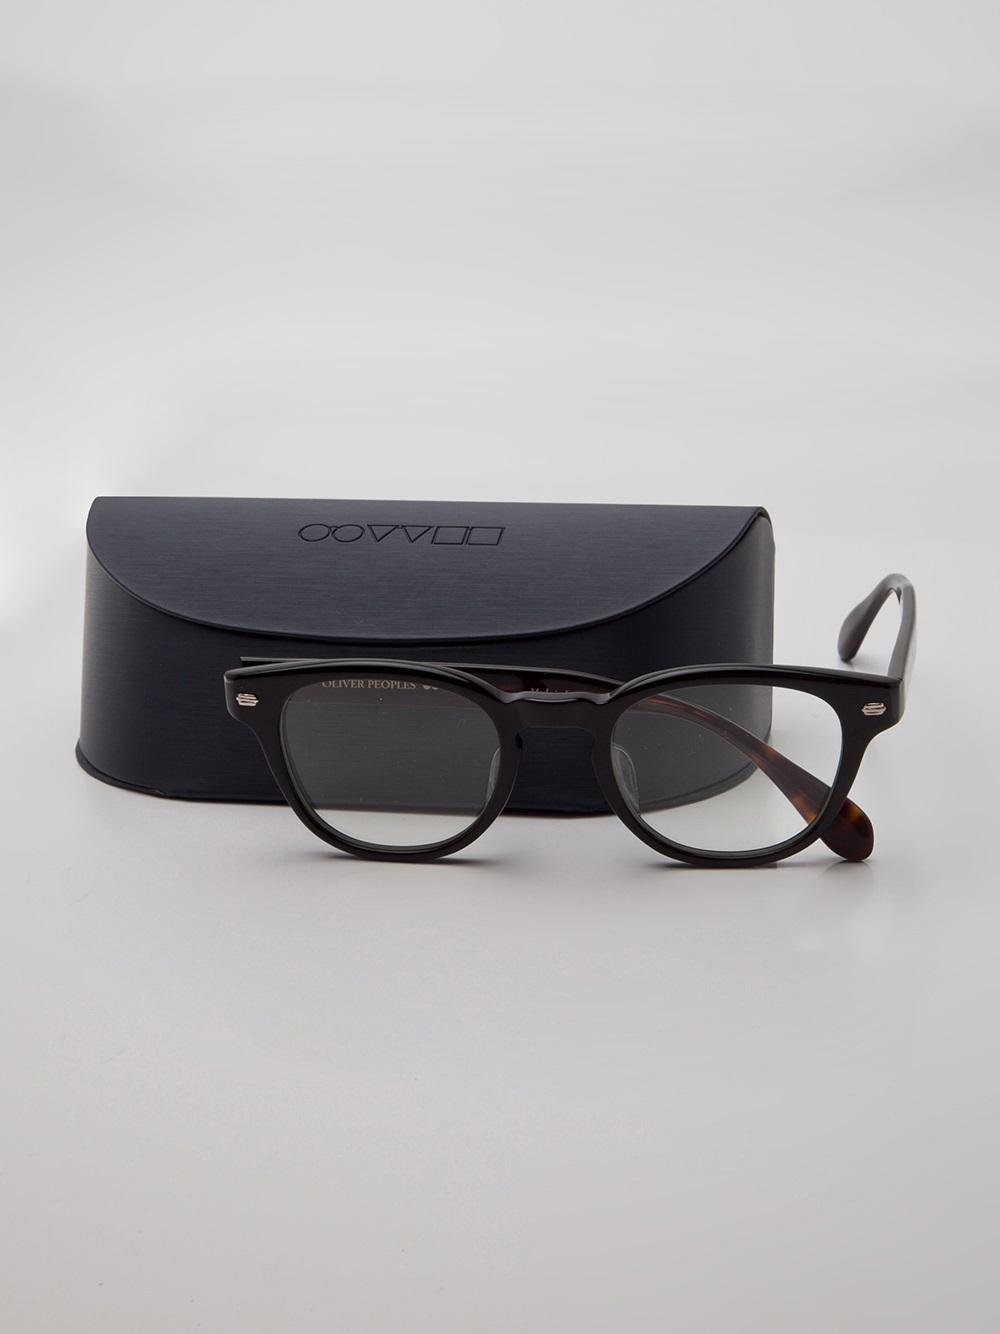 Oliver peoples tokyo glasses in black lyst for Oliver peoples tokyo